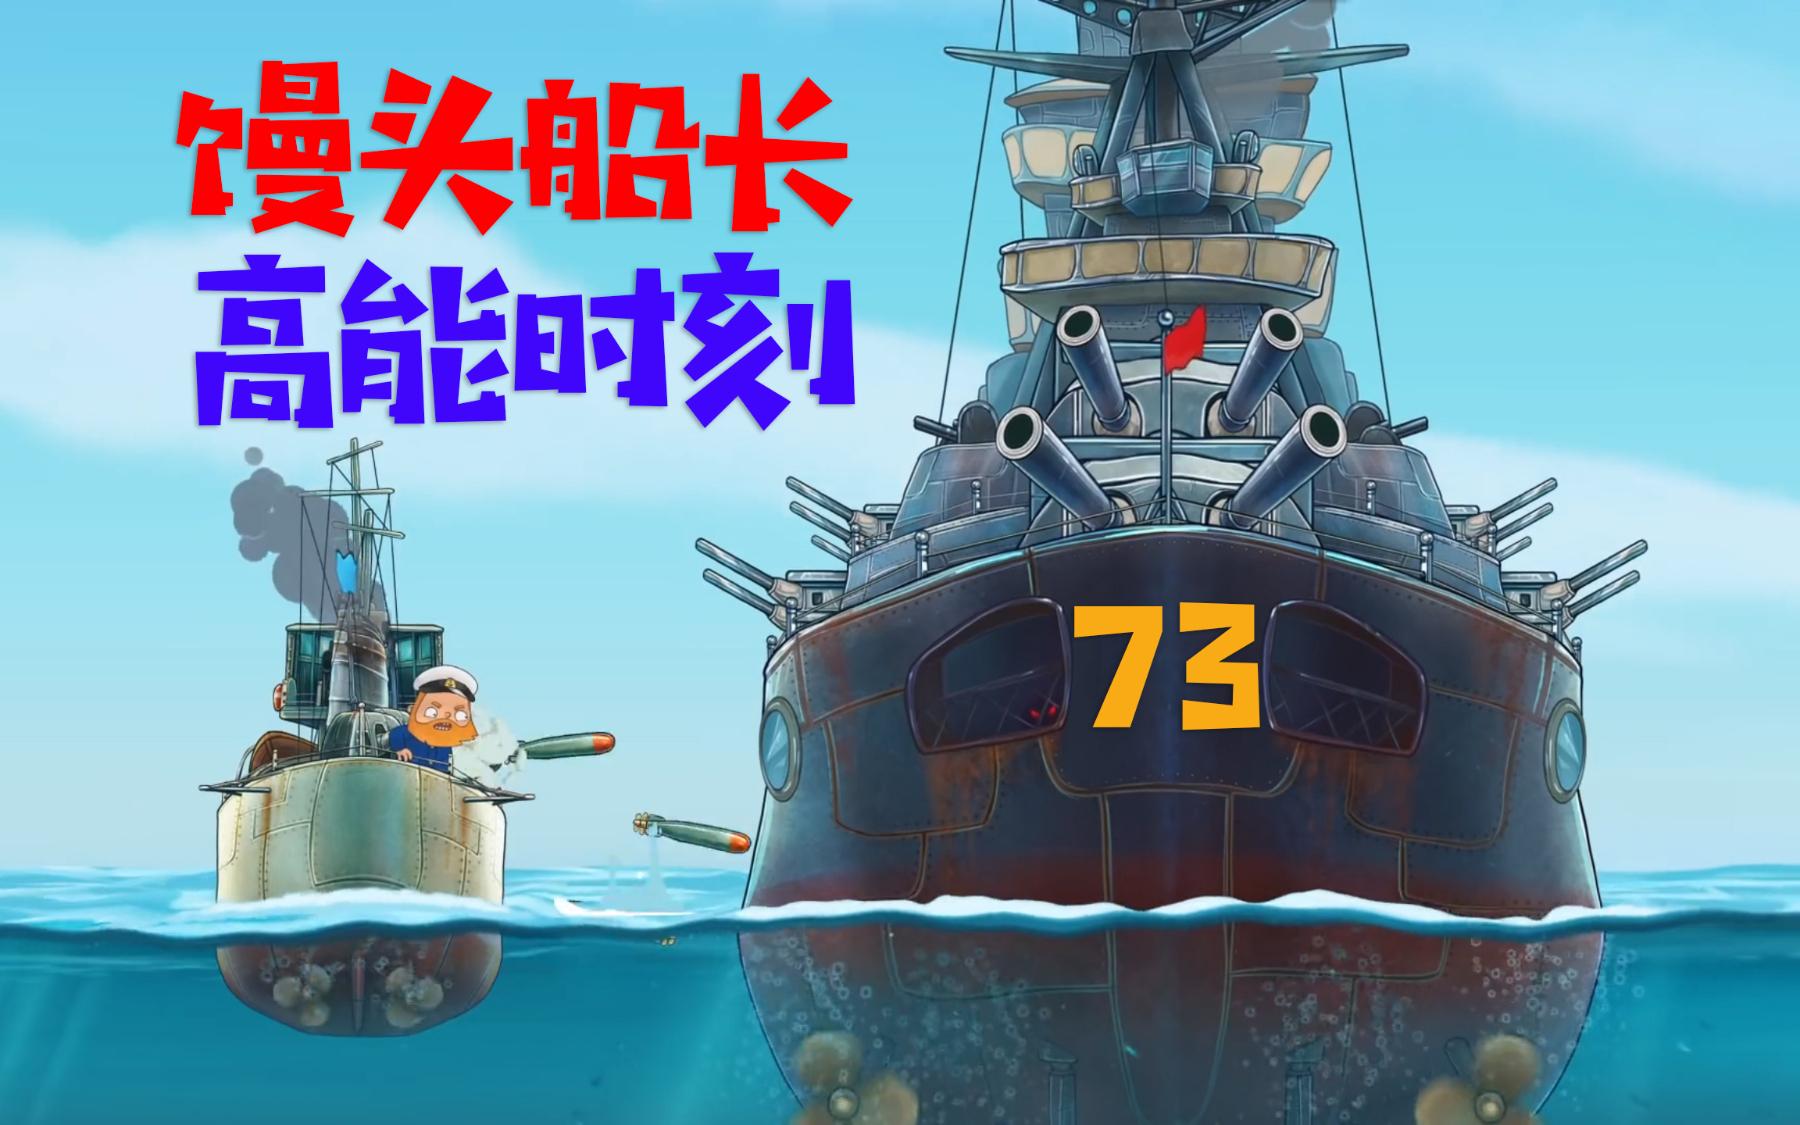 《战舰世界》馒头船长高能时刻73 五一节快乐